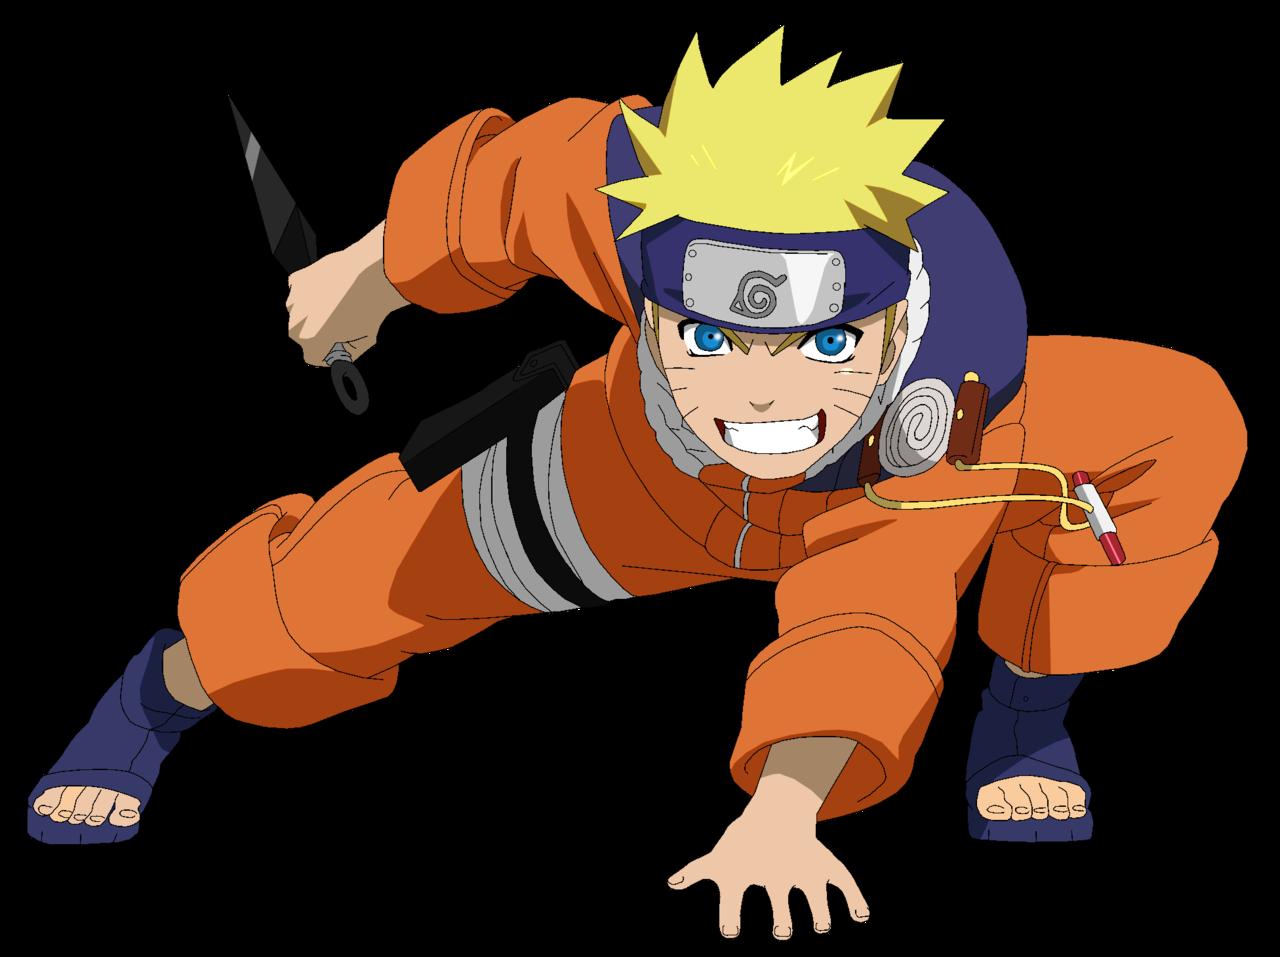 Naruto im genes de naruto - Dessin naruto en couleur ...